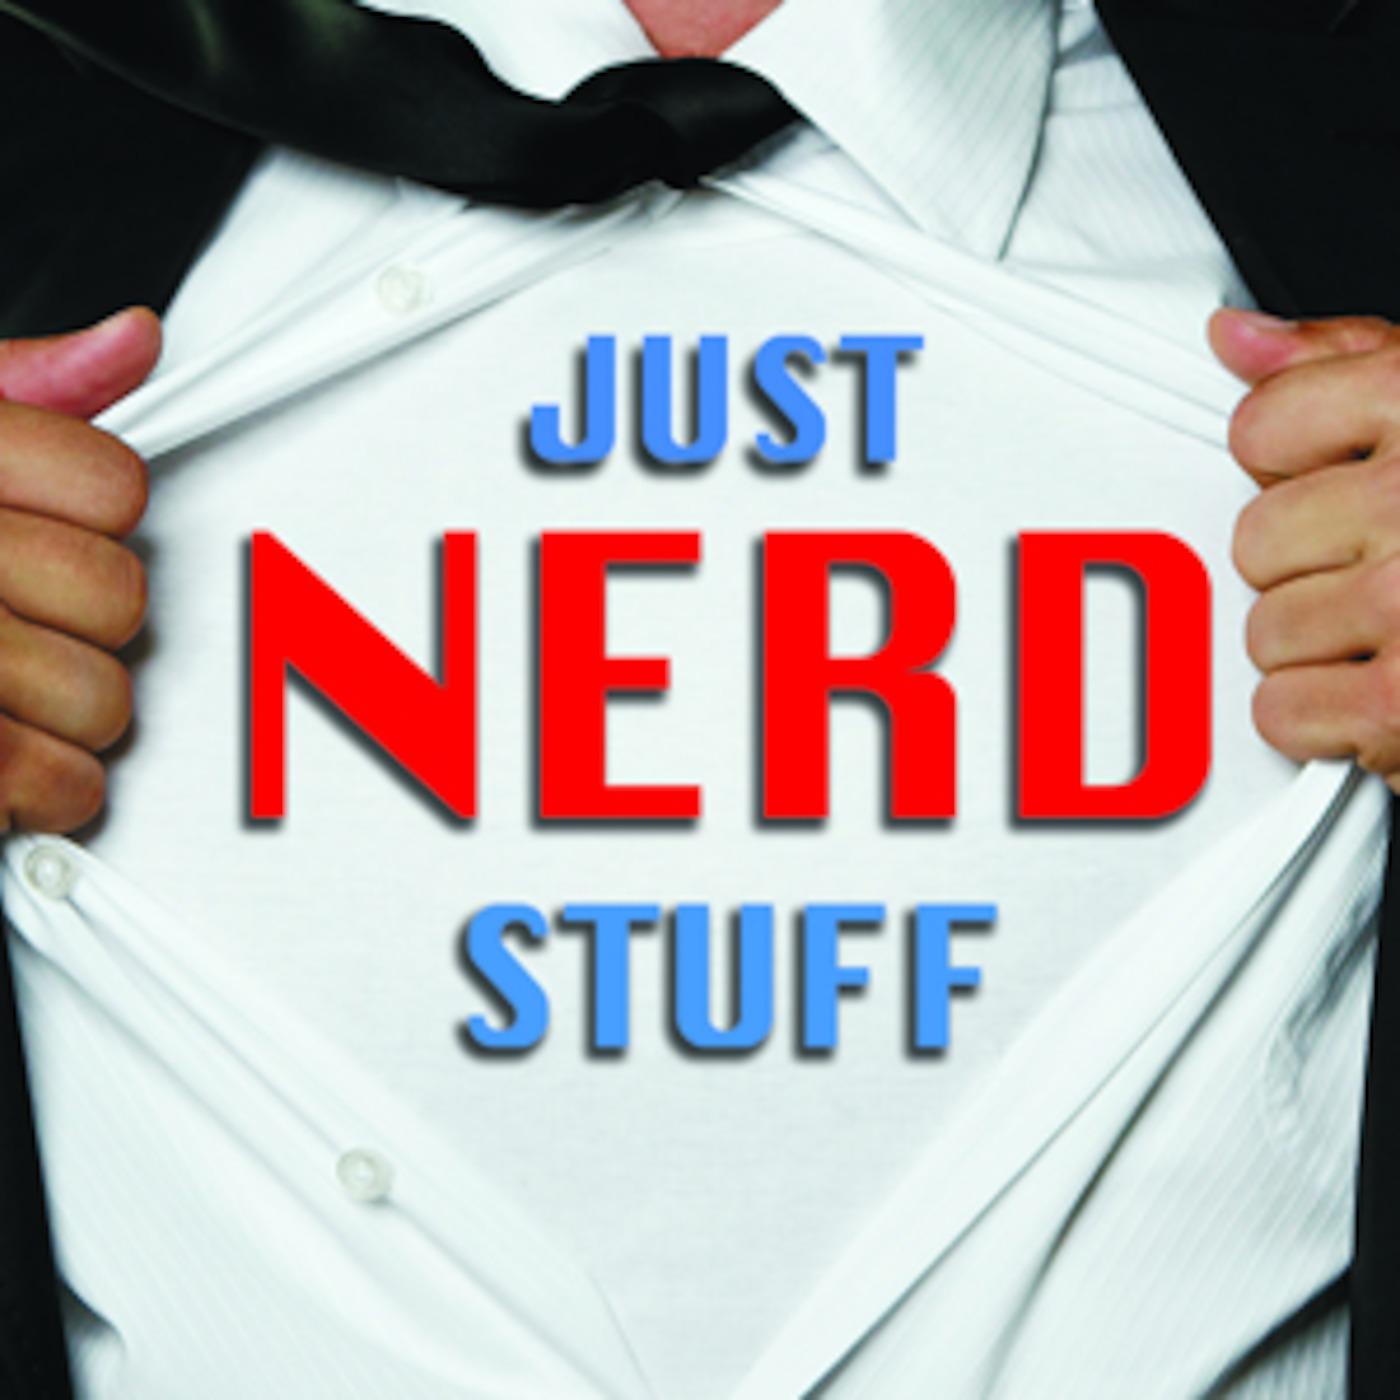 Just Nerd Stuff